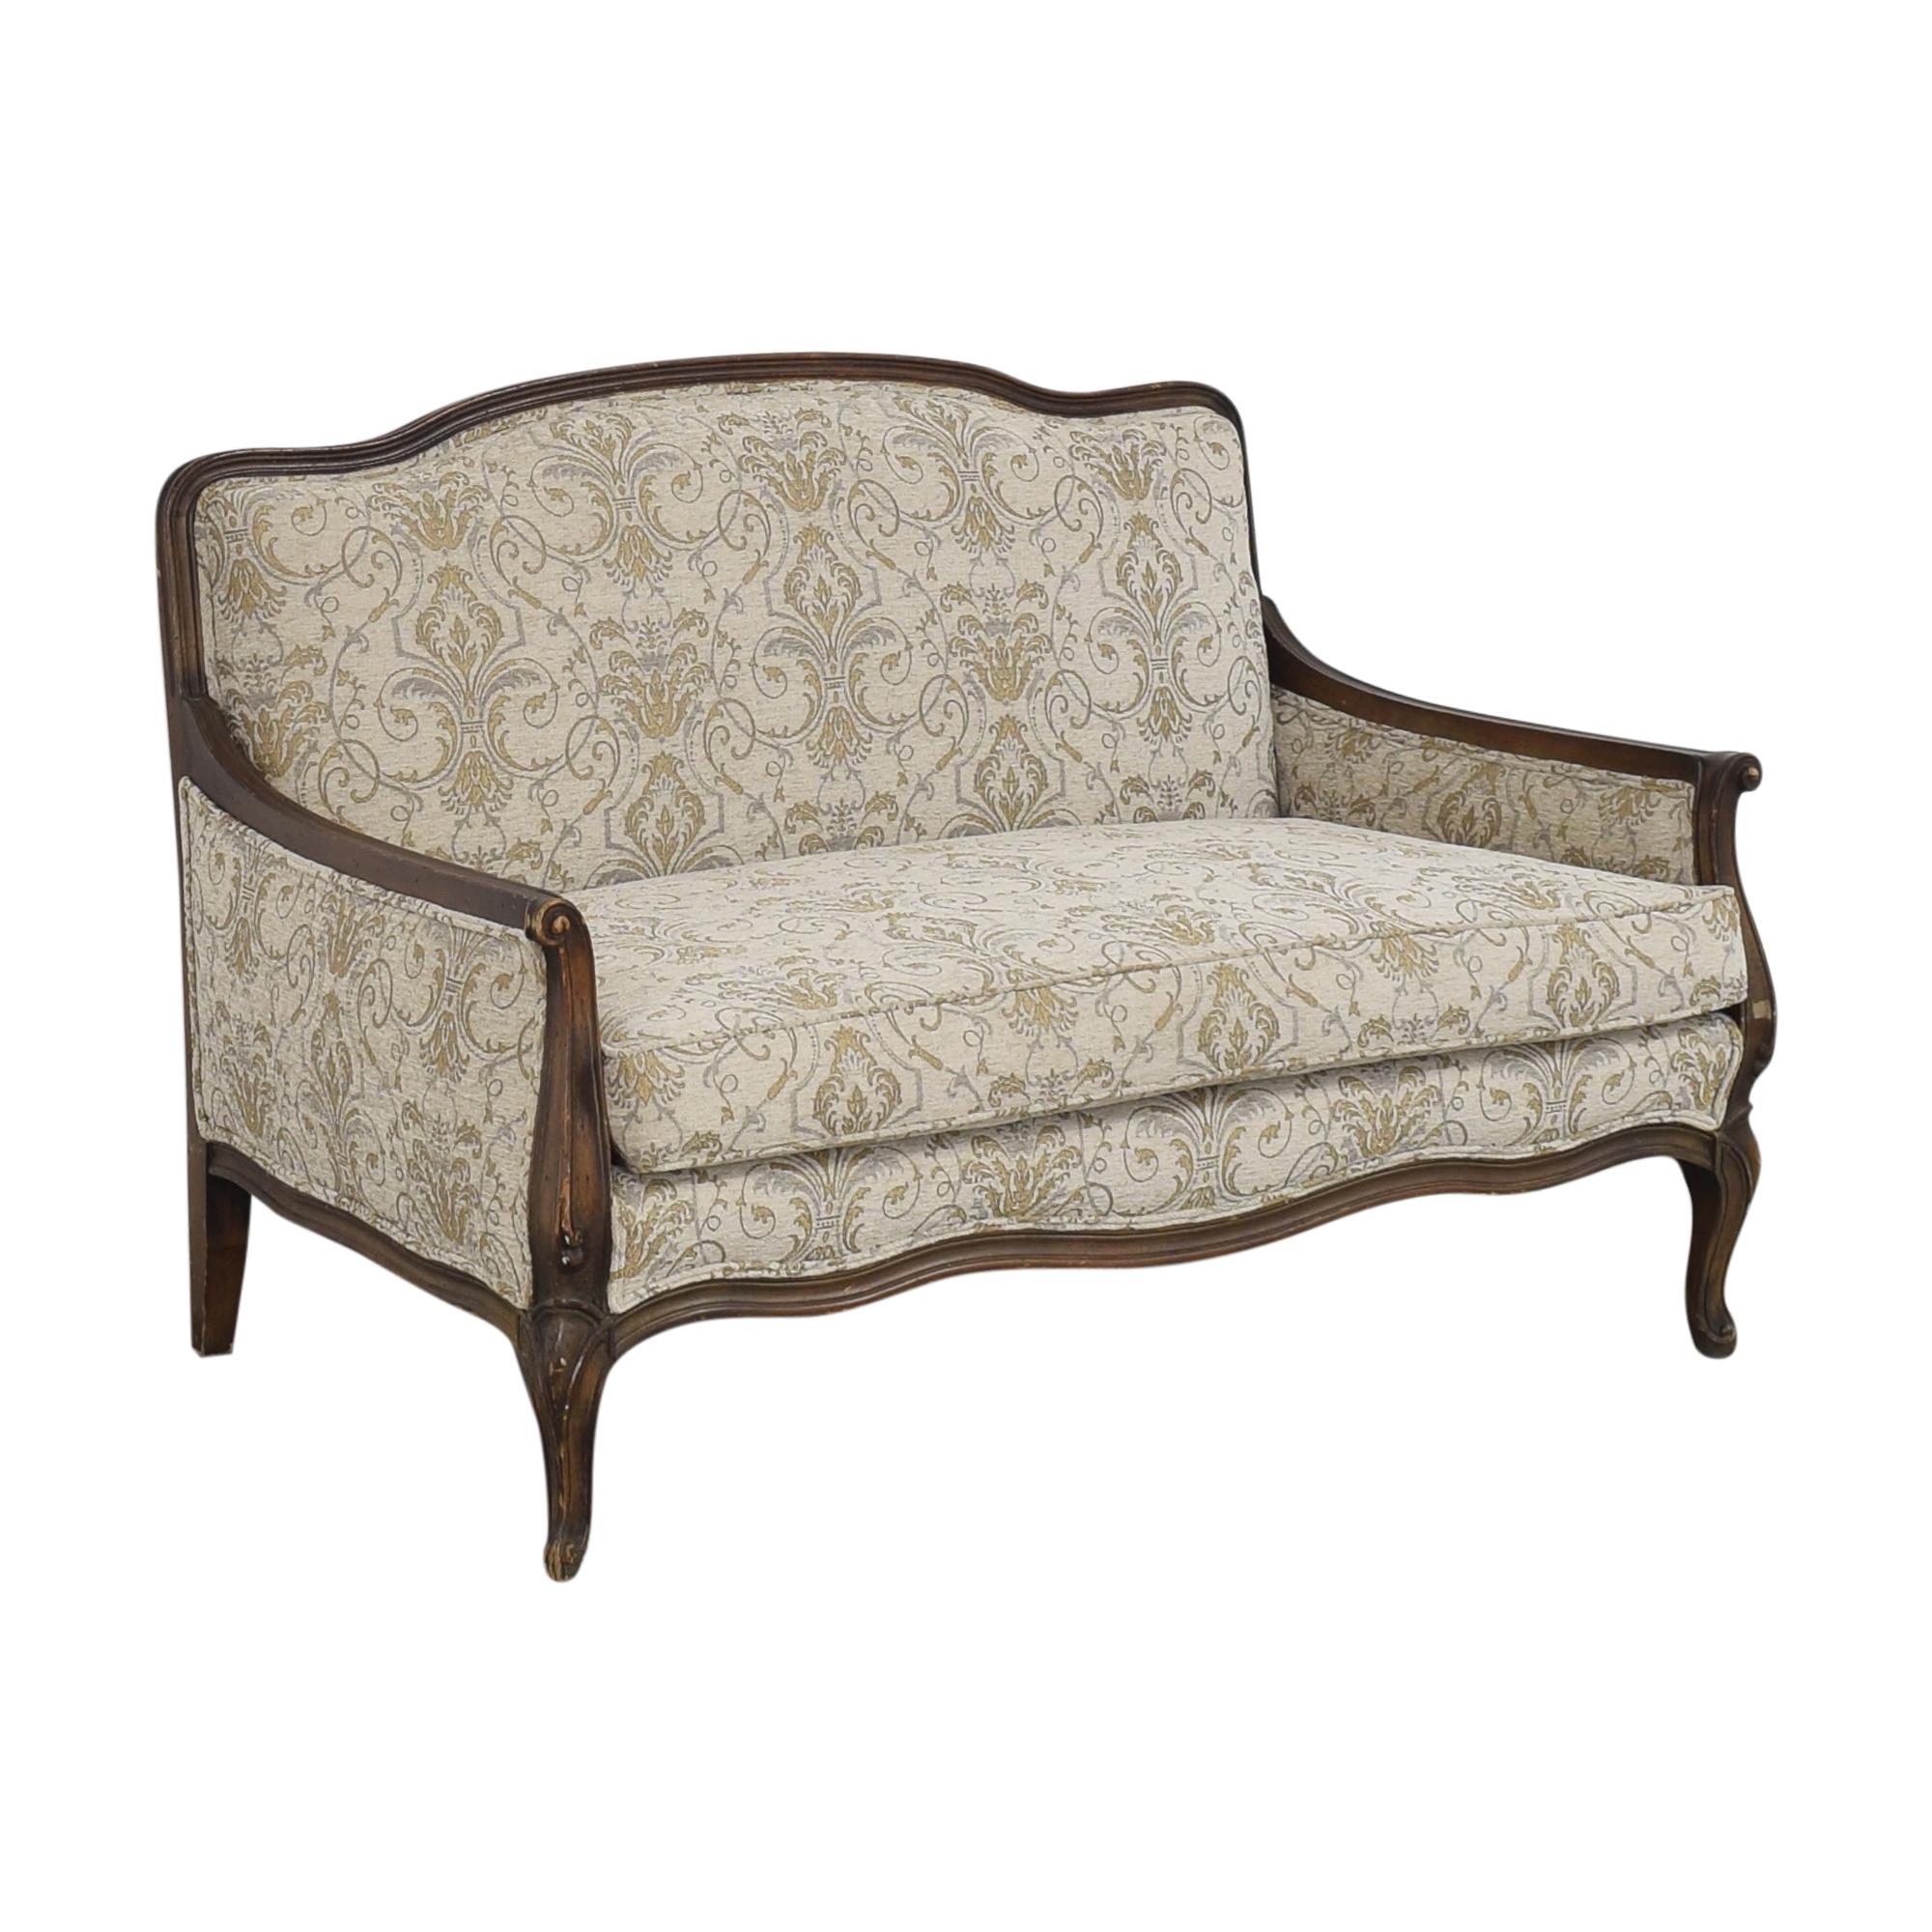 Bassett Furniture Bassett Furniture French-Style Settee Sofas